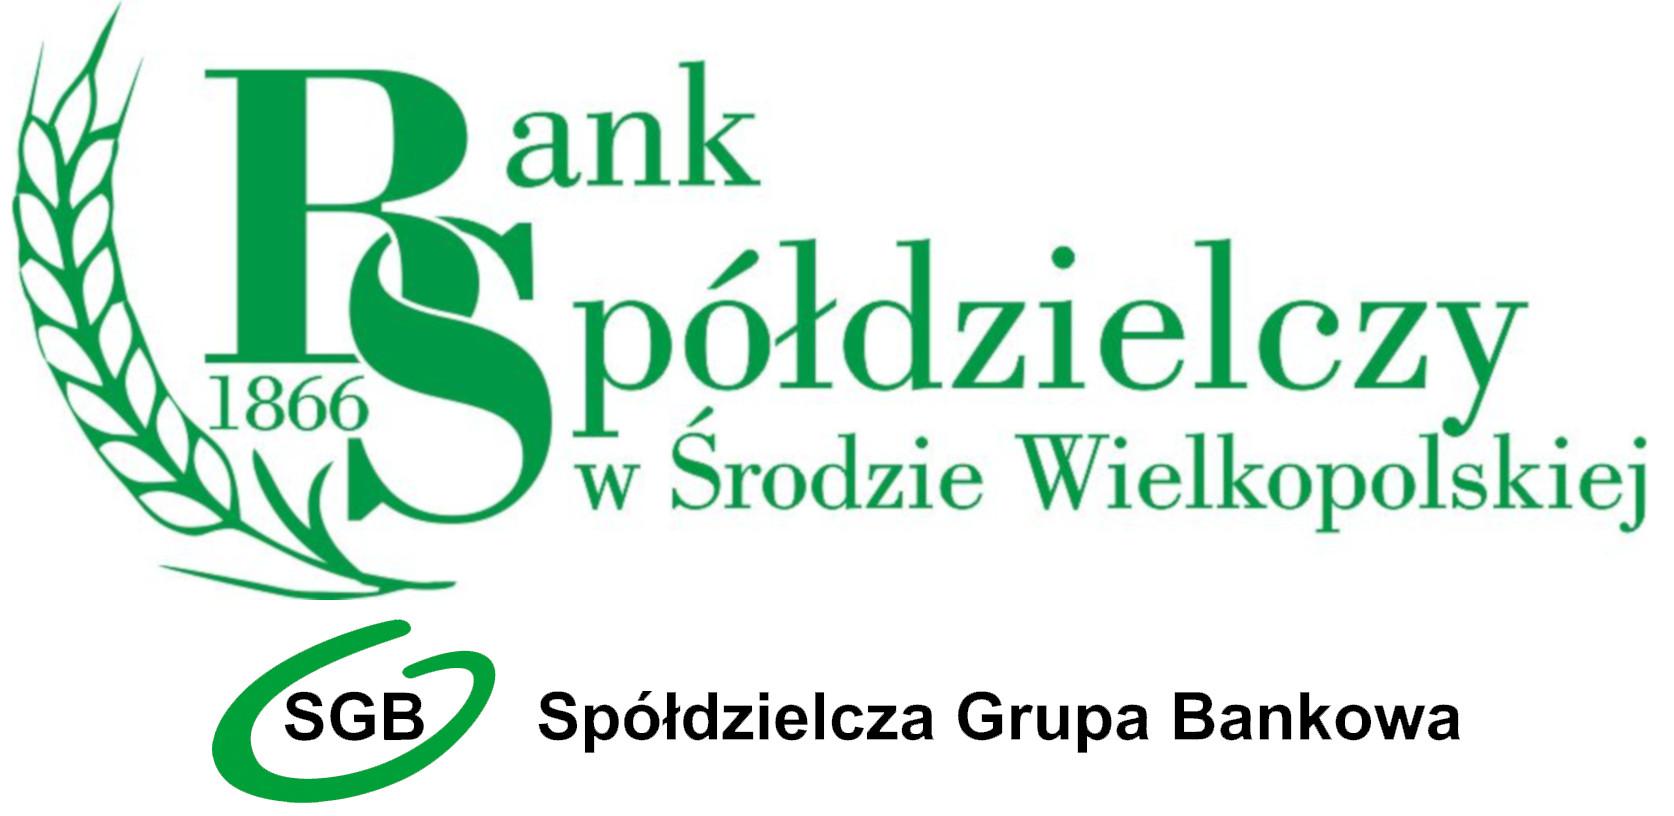 eCorpoNet - Bank Spółdzielczy w Środzie Wielkopolskiej